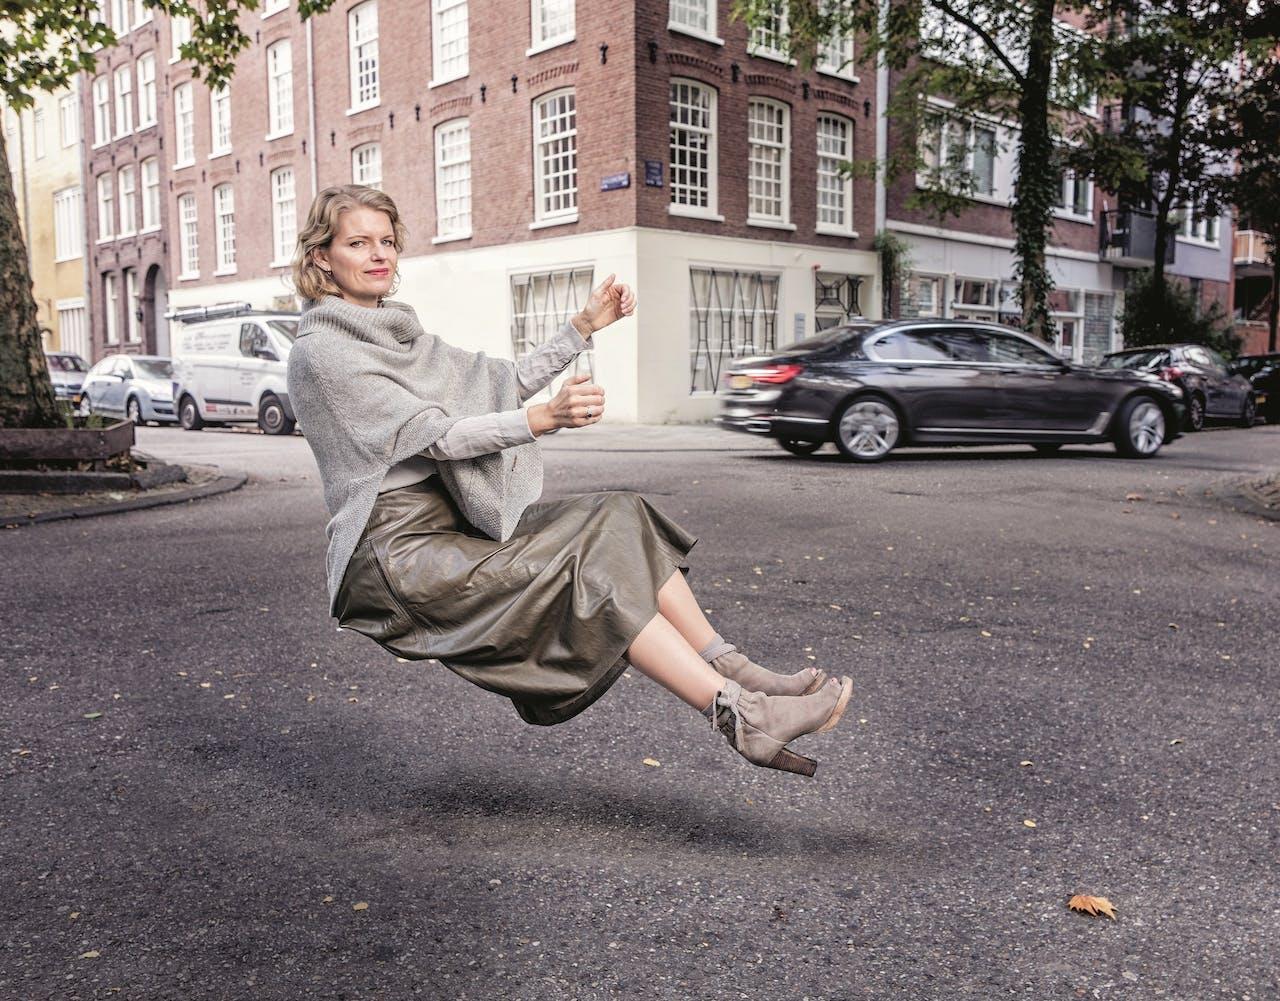 Karina Tiekstra: 'Ik begon al die stilstaande auto's in de straat steeds irritanter te vinden.'